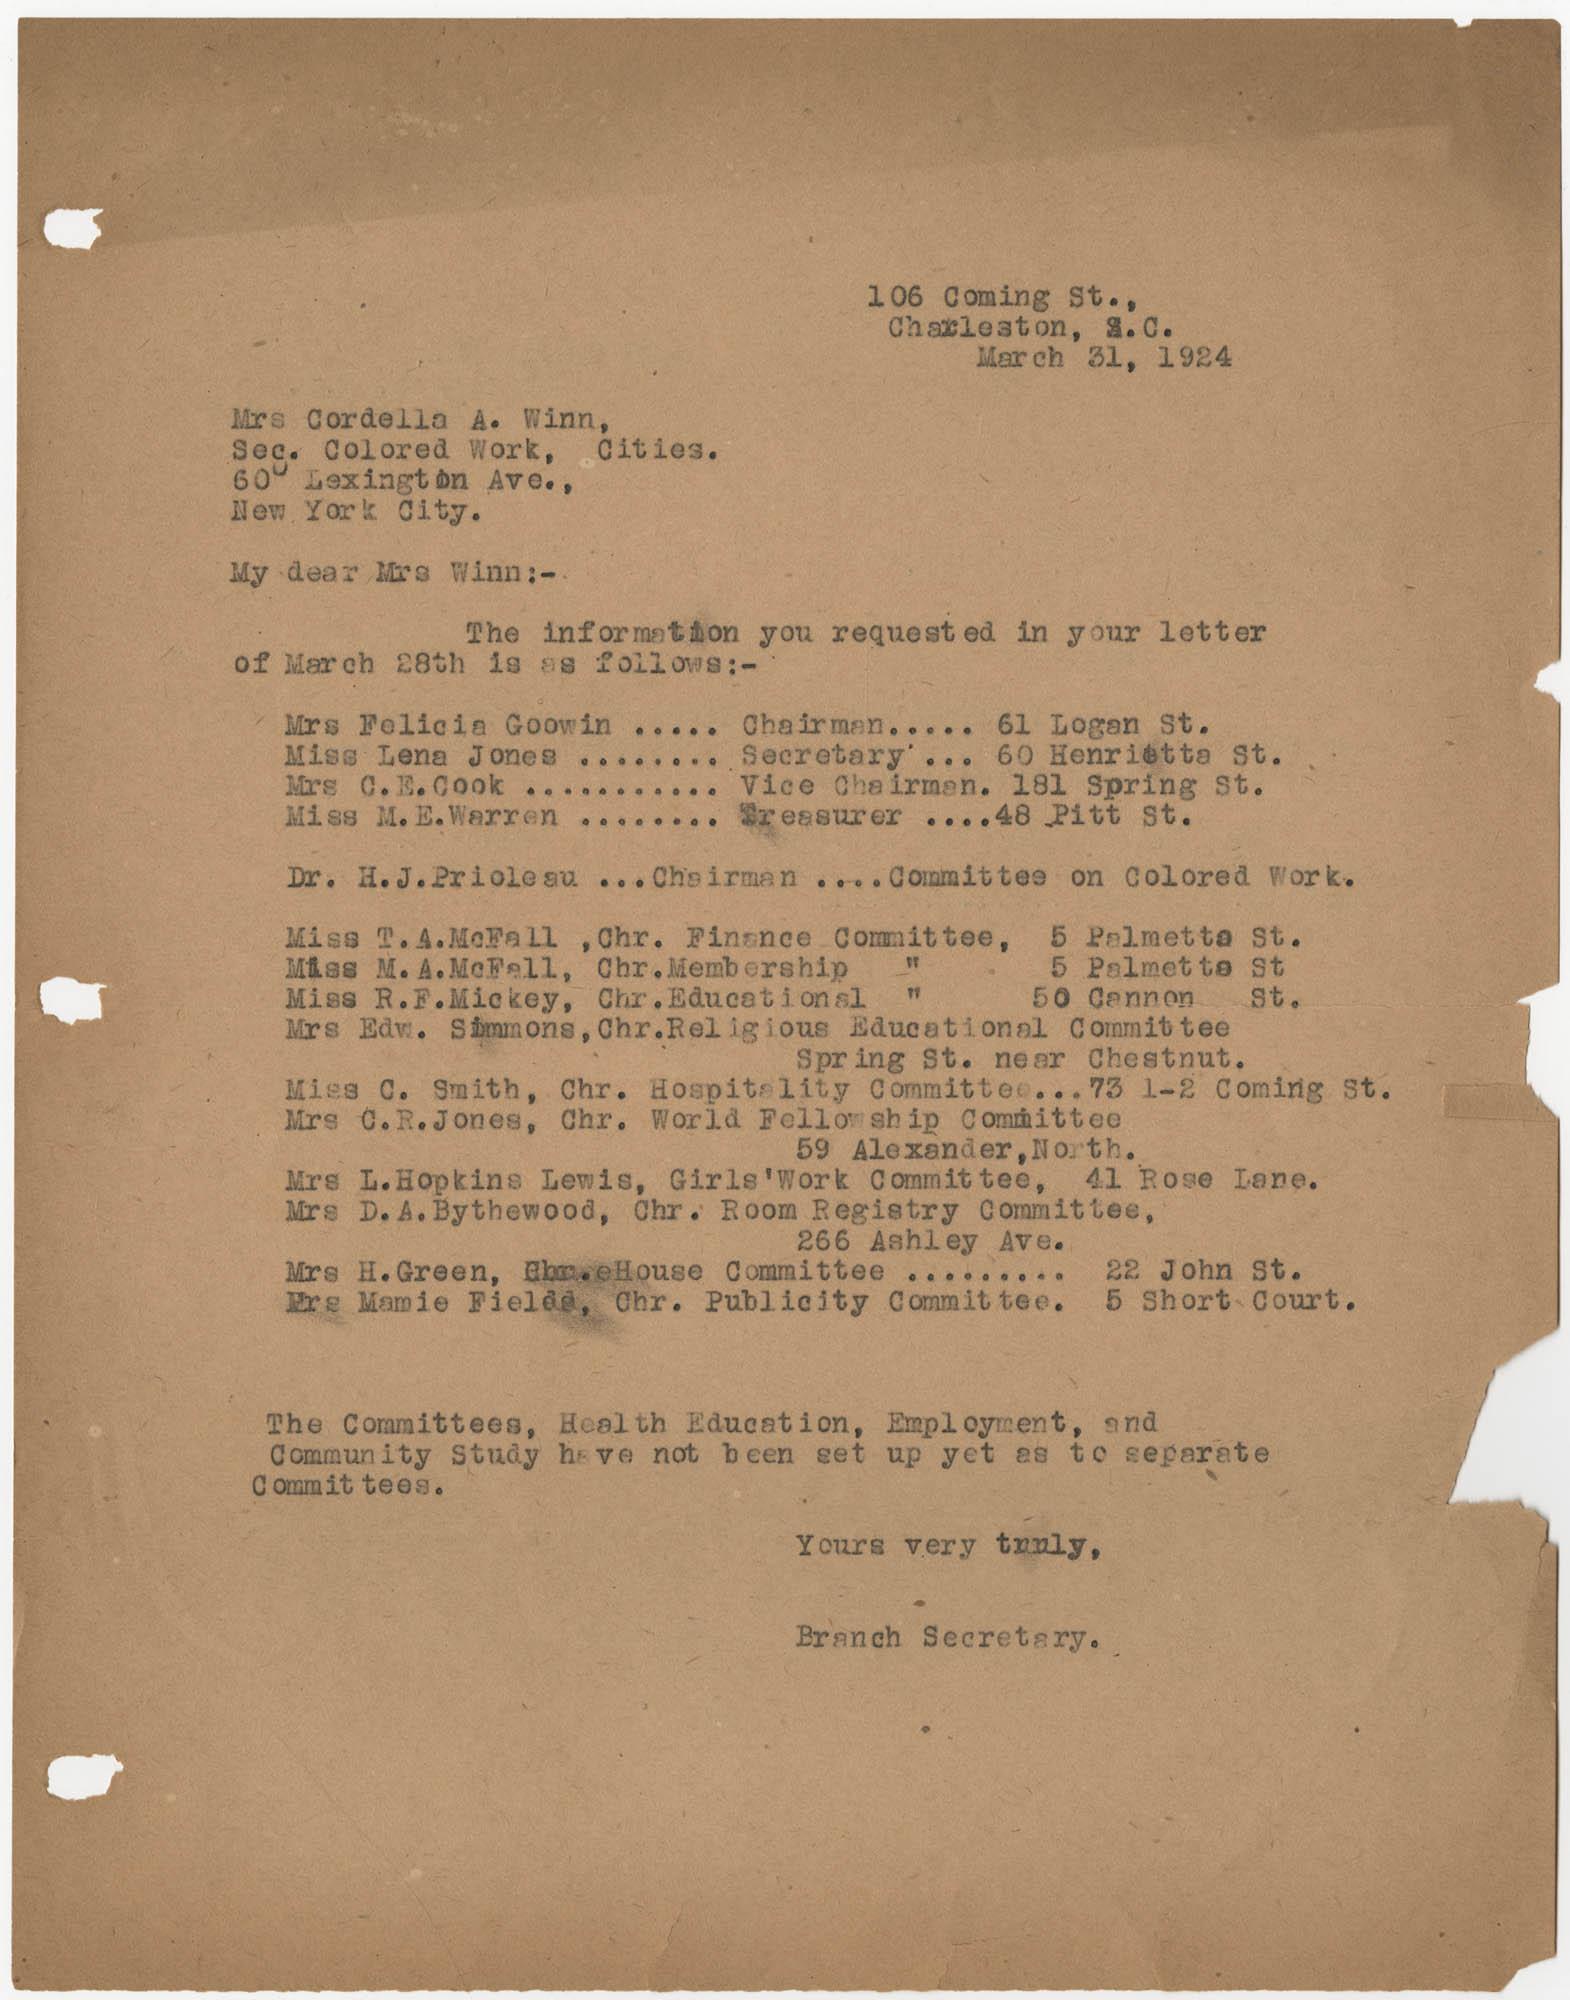 Letter to Cordella A. Winn, March 31, 1924